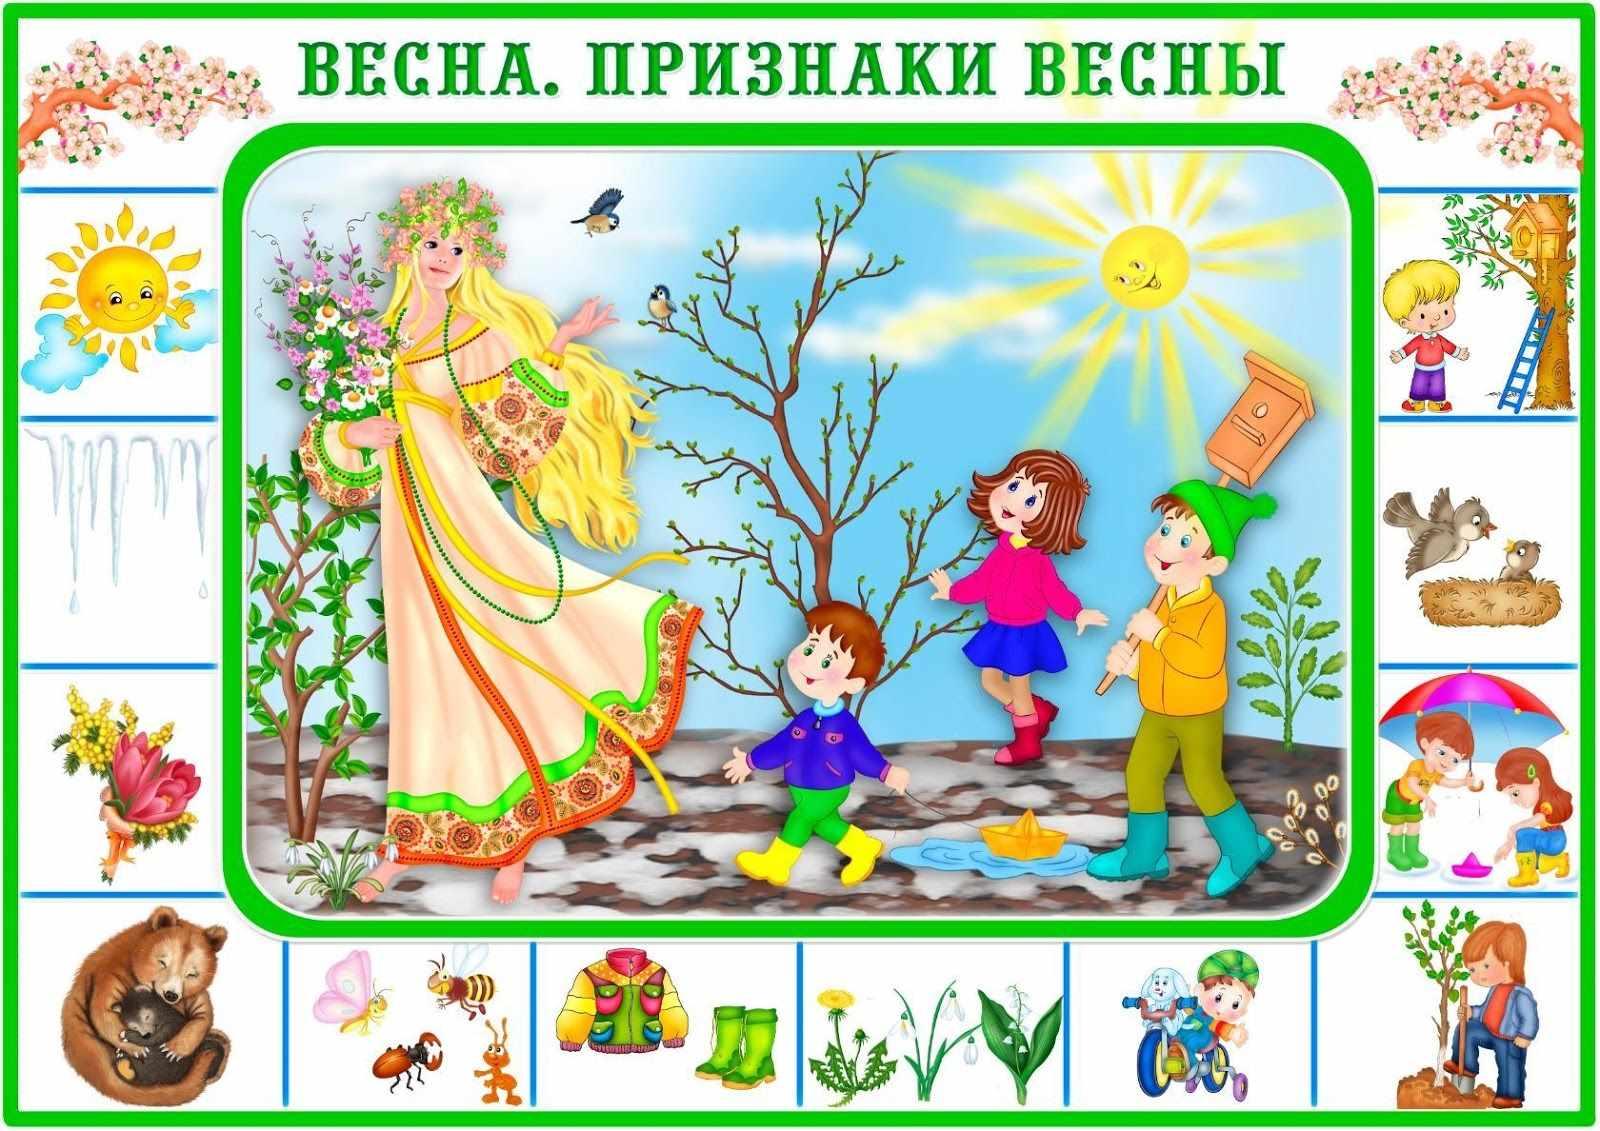 Красивые картинки для детей весна пришла 09